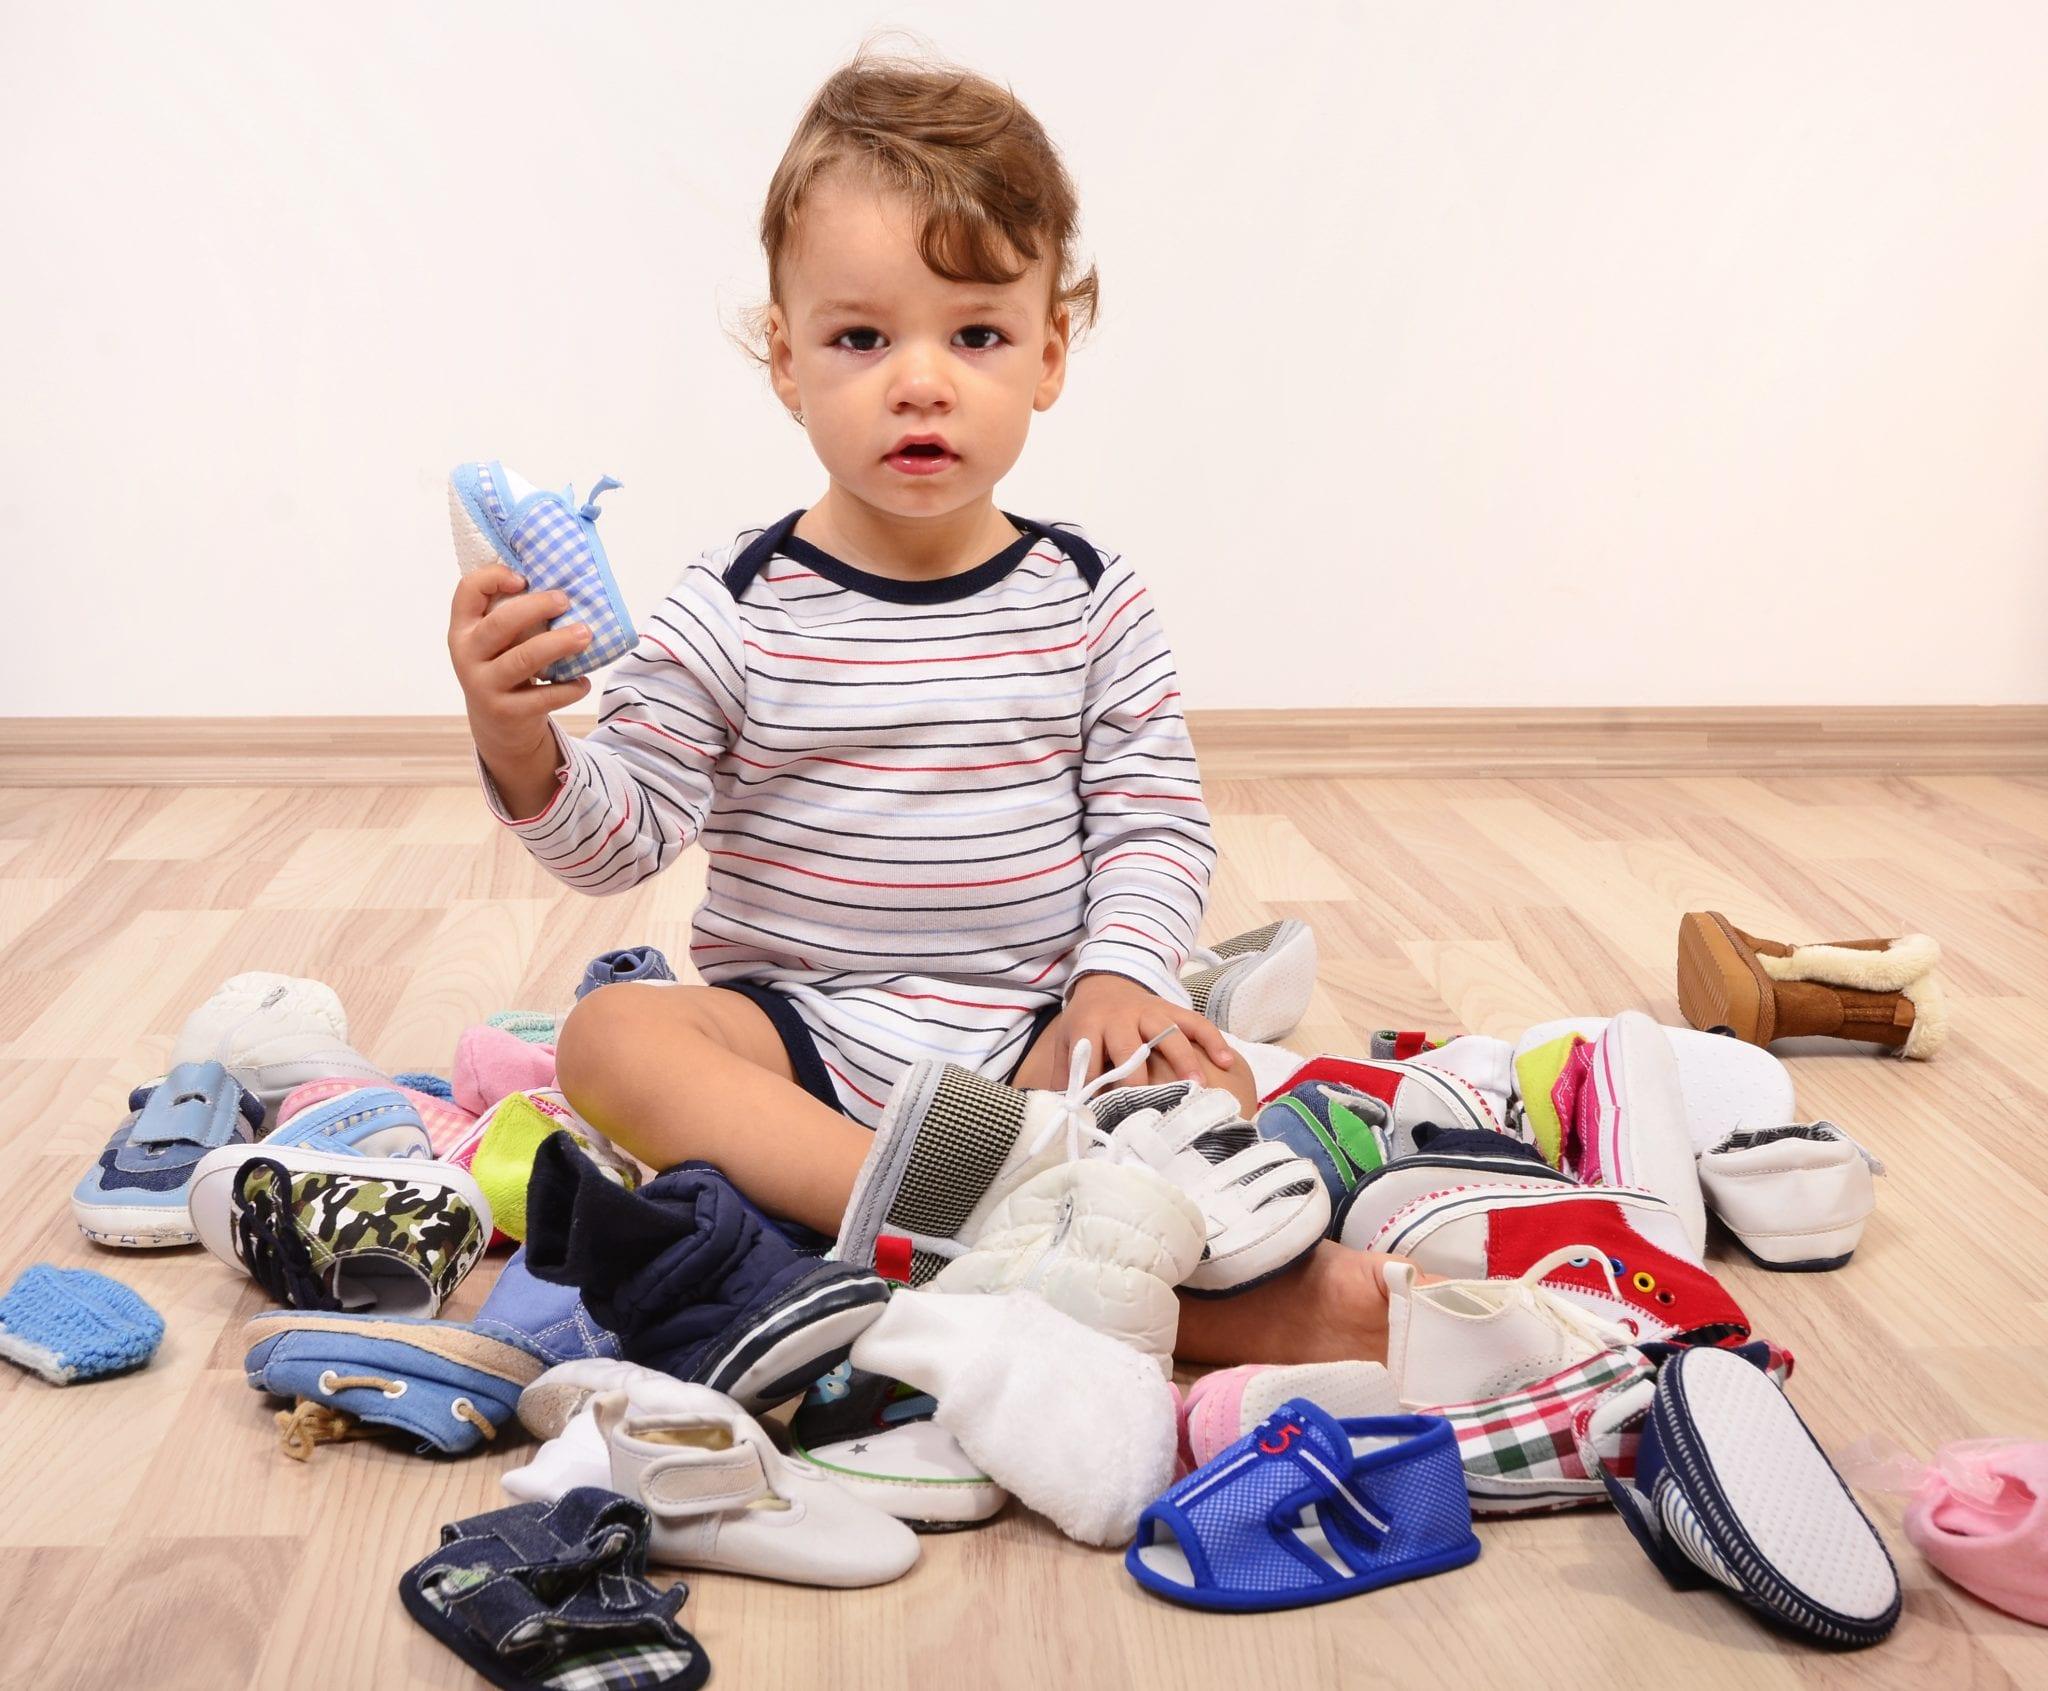 5 dicas infalíveis para trabalhar a autonomia das crianças